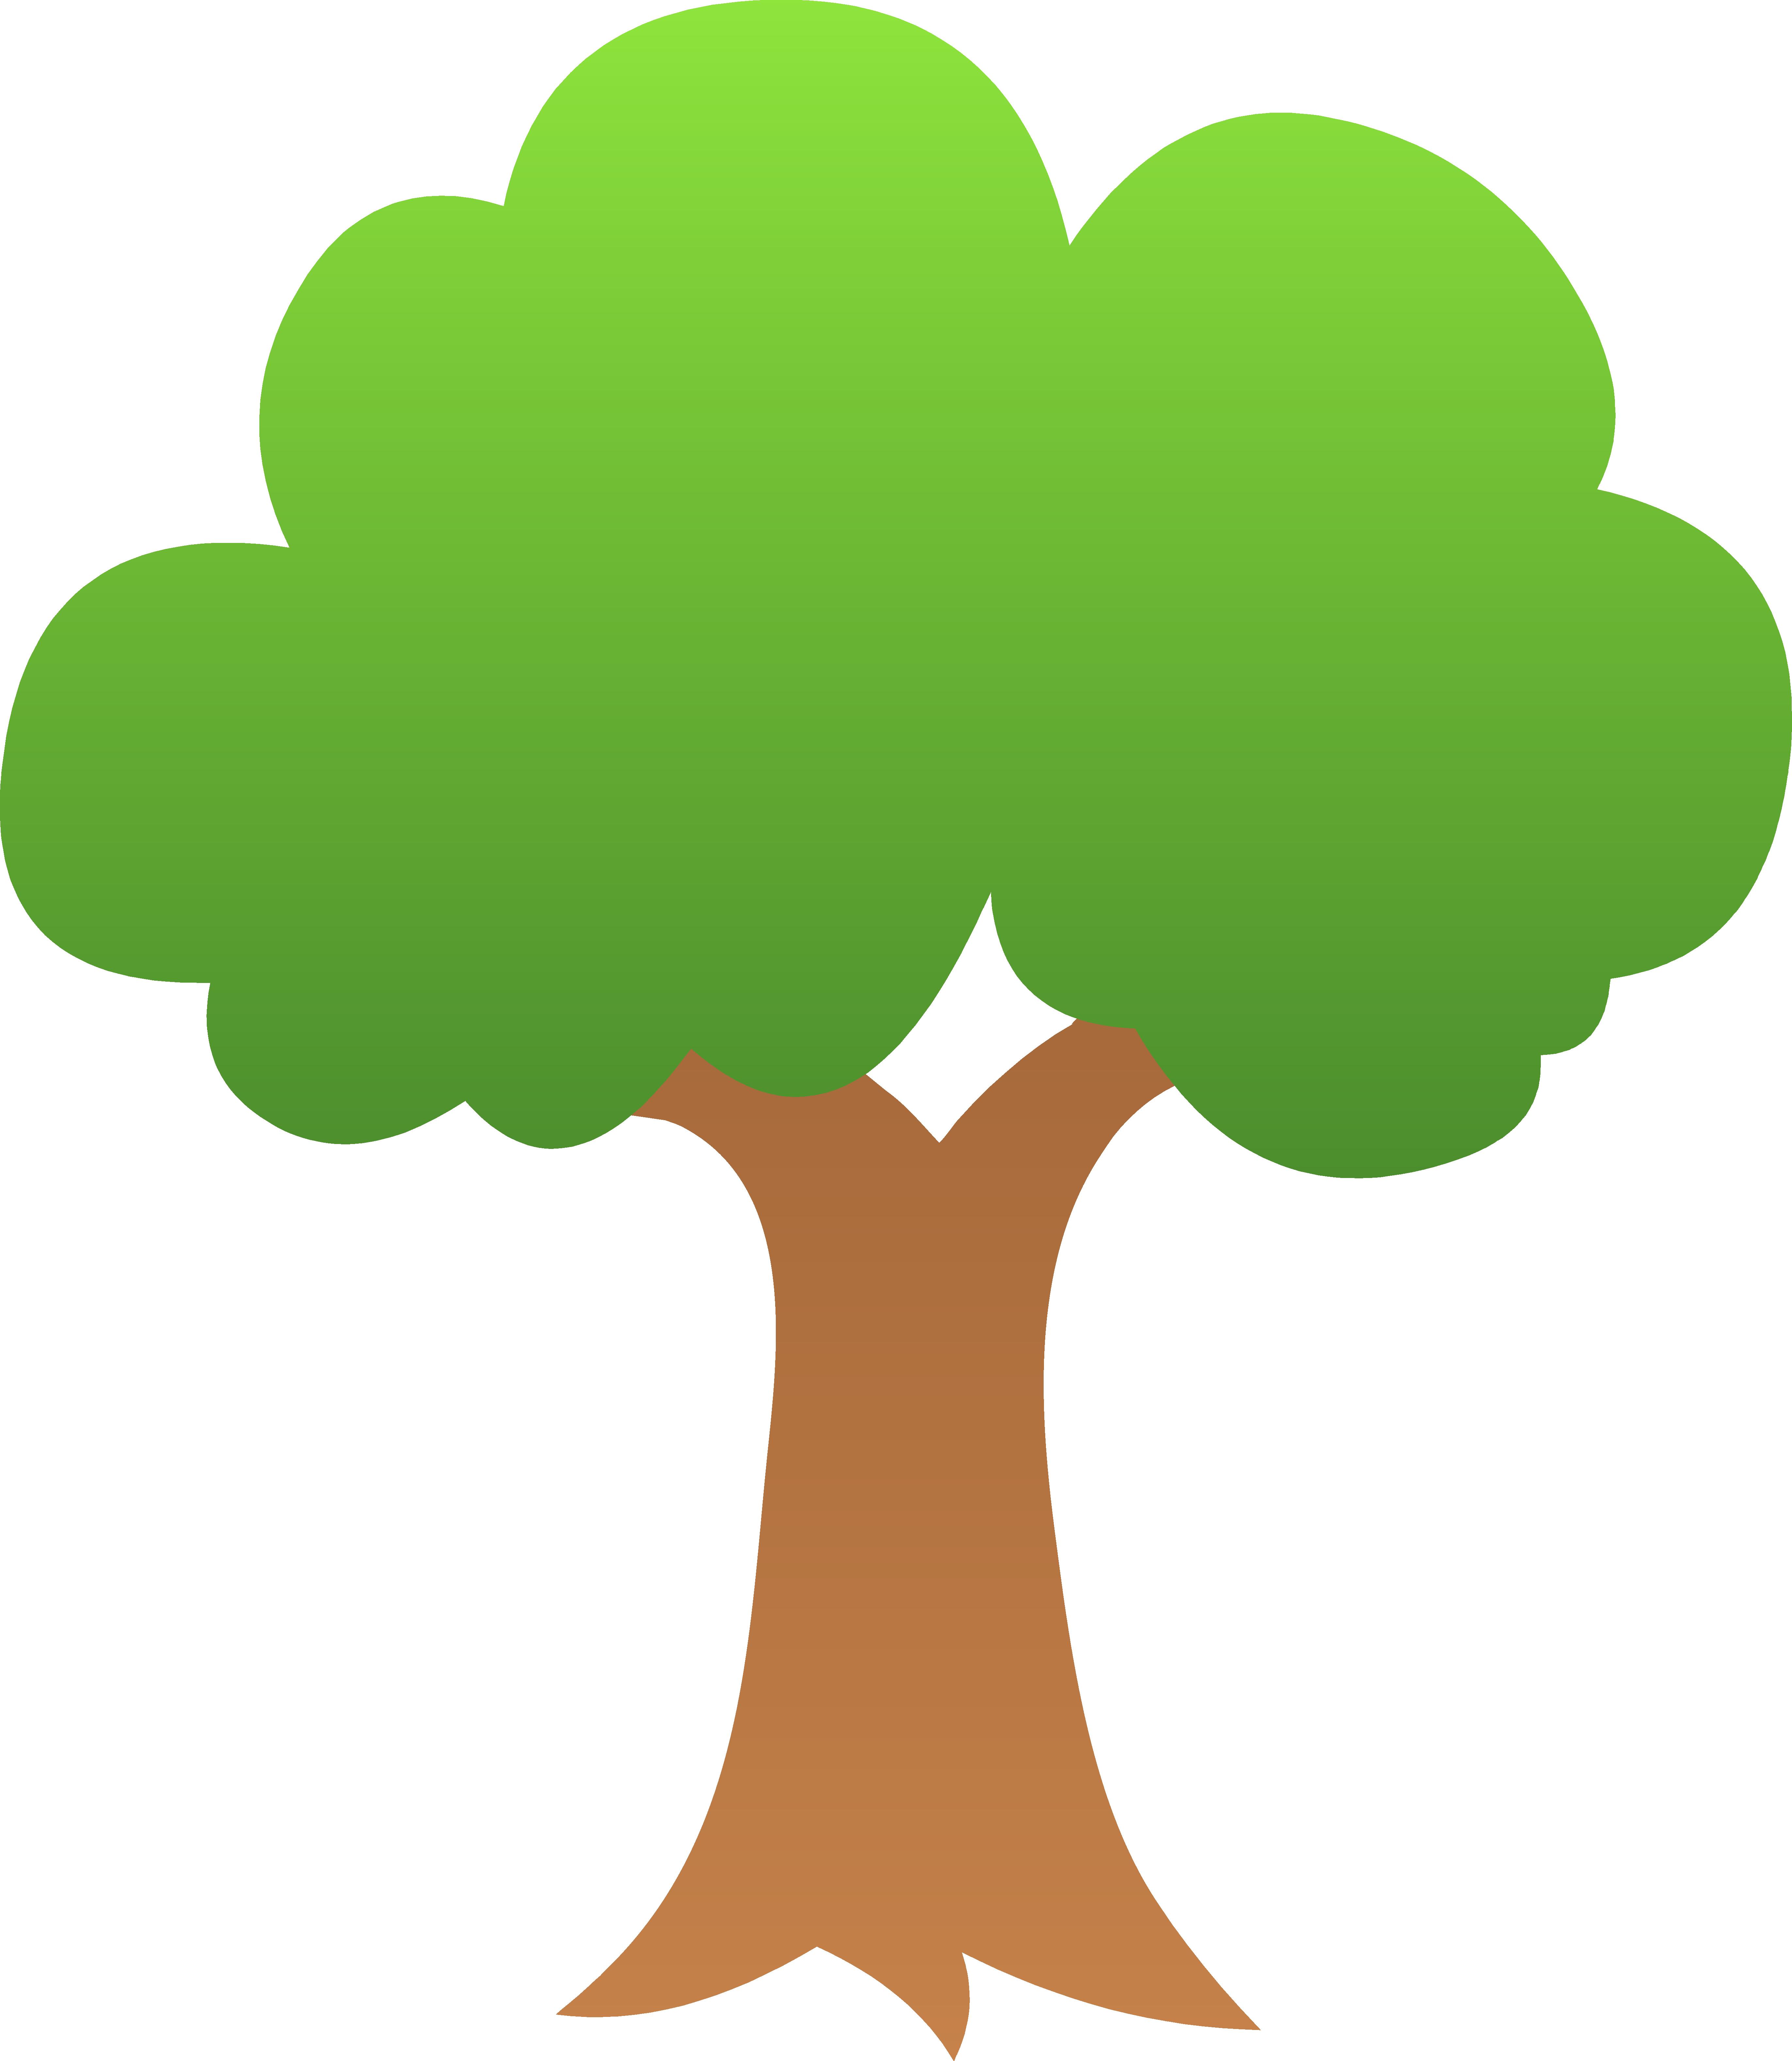 tree clipart - Tree Clipart